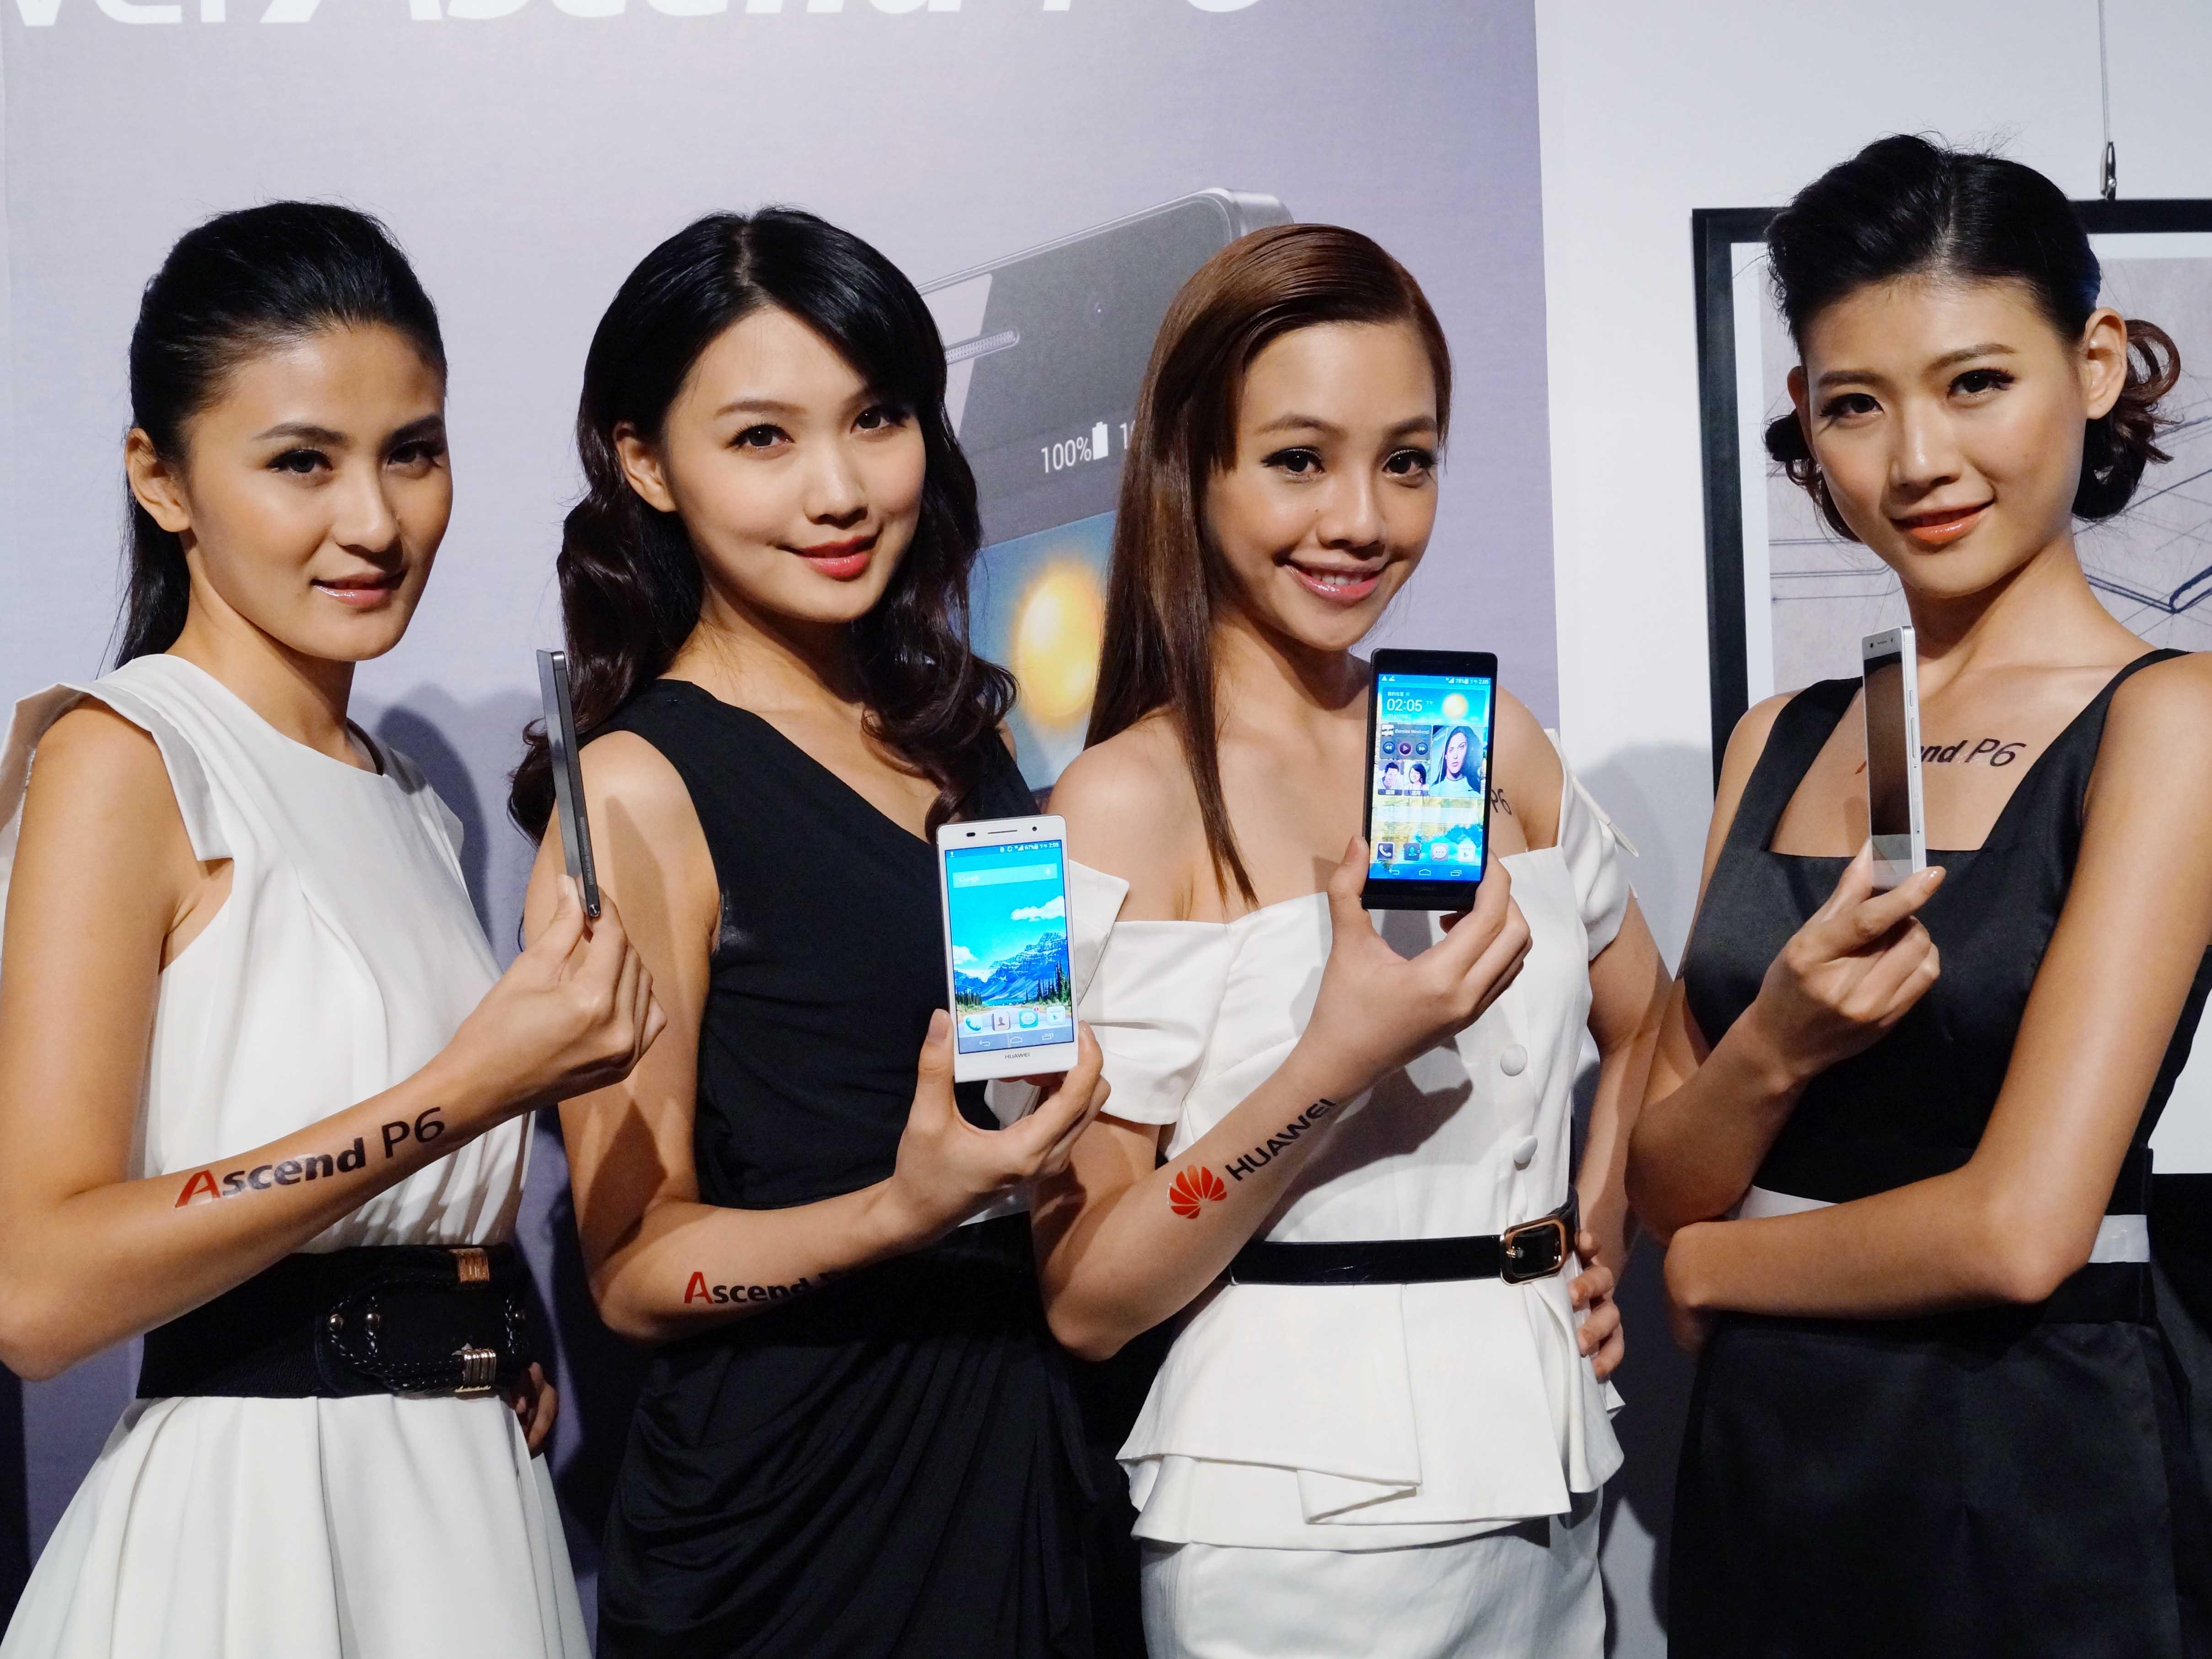 全球最薄 Huawei 旗艦 Ascend P6 台灣發表會現場小編動手試玩